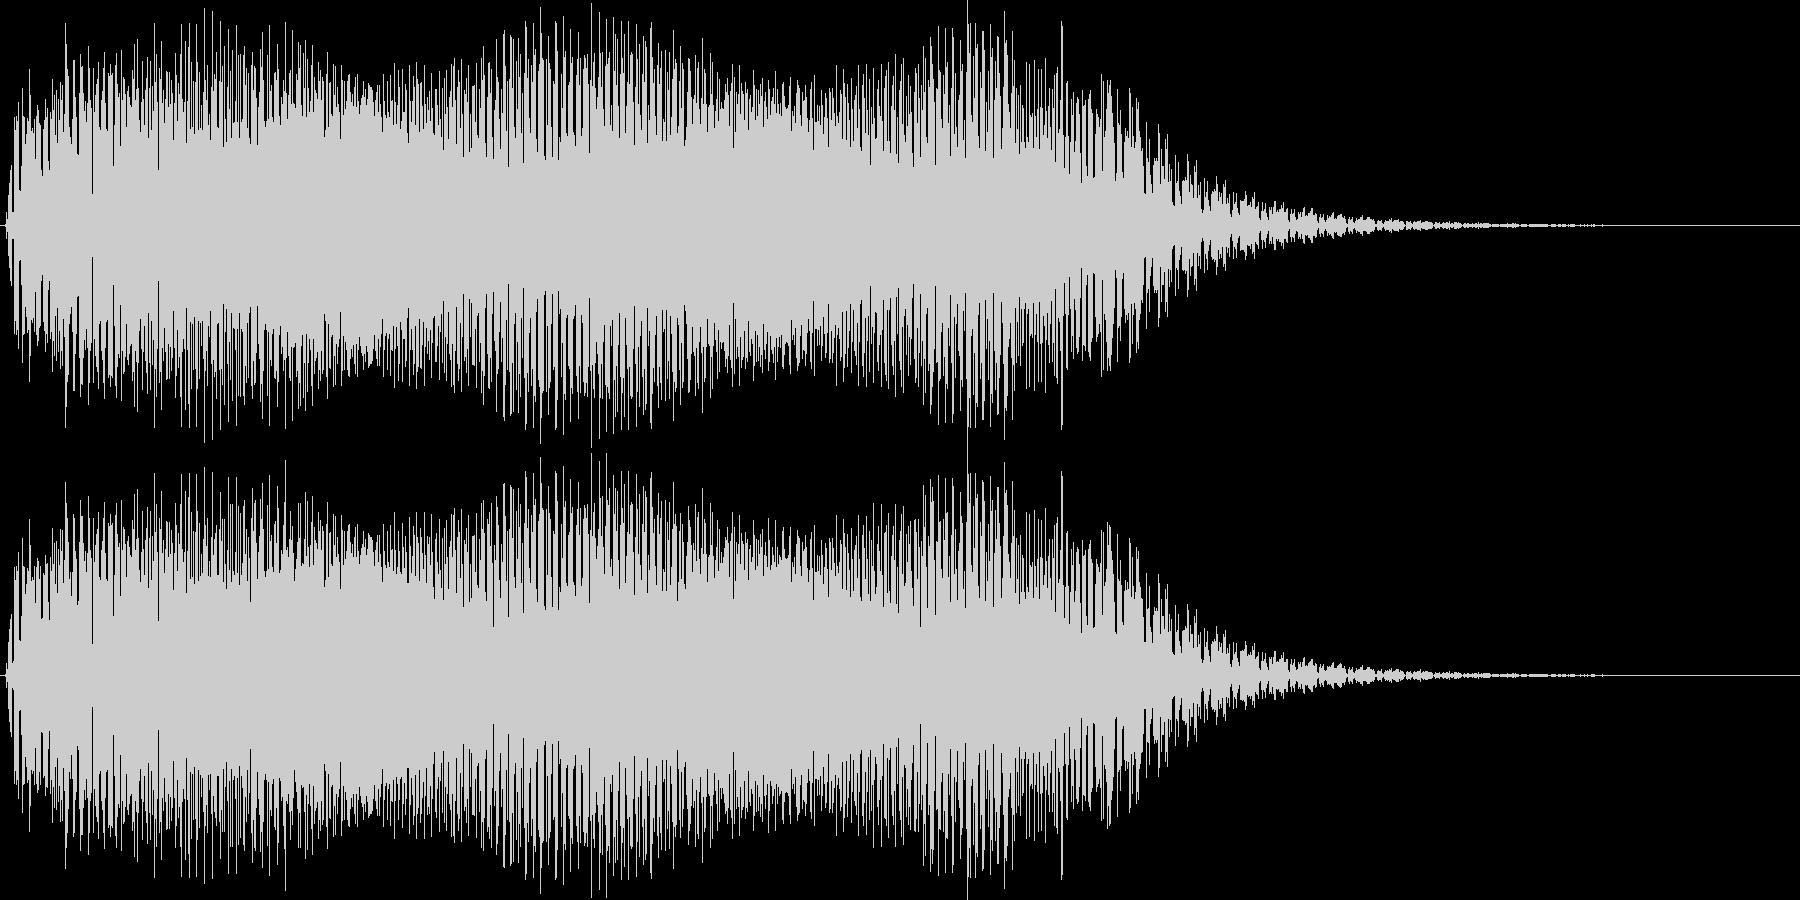 ギュイーン。ロボット・機械動作音(長め)の未再生の波形